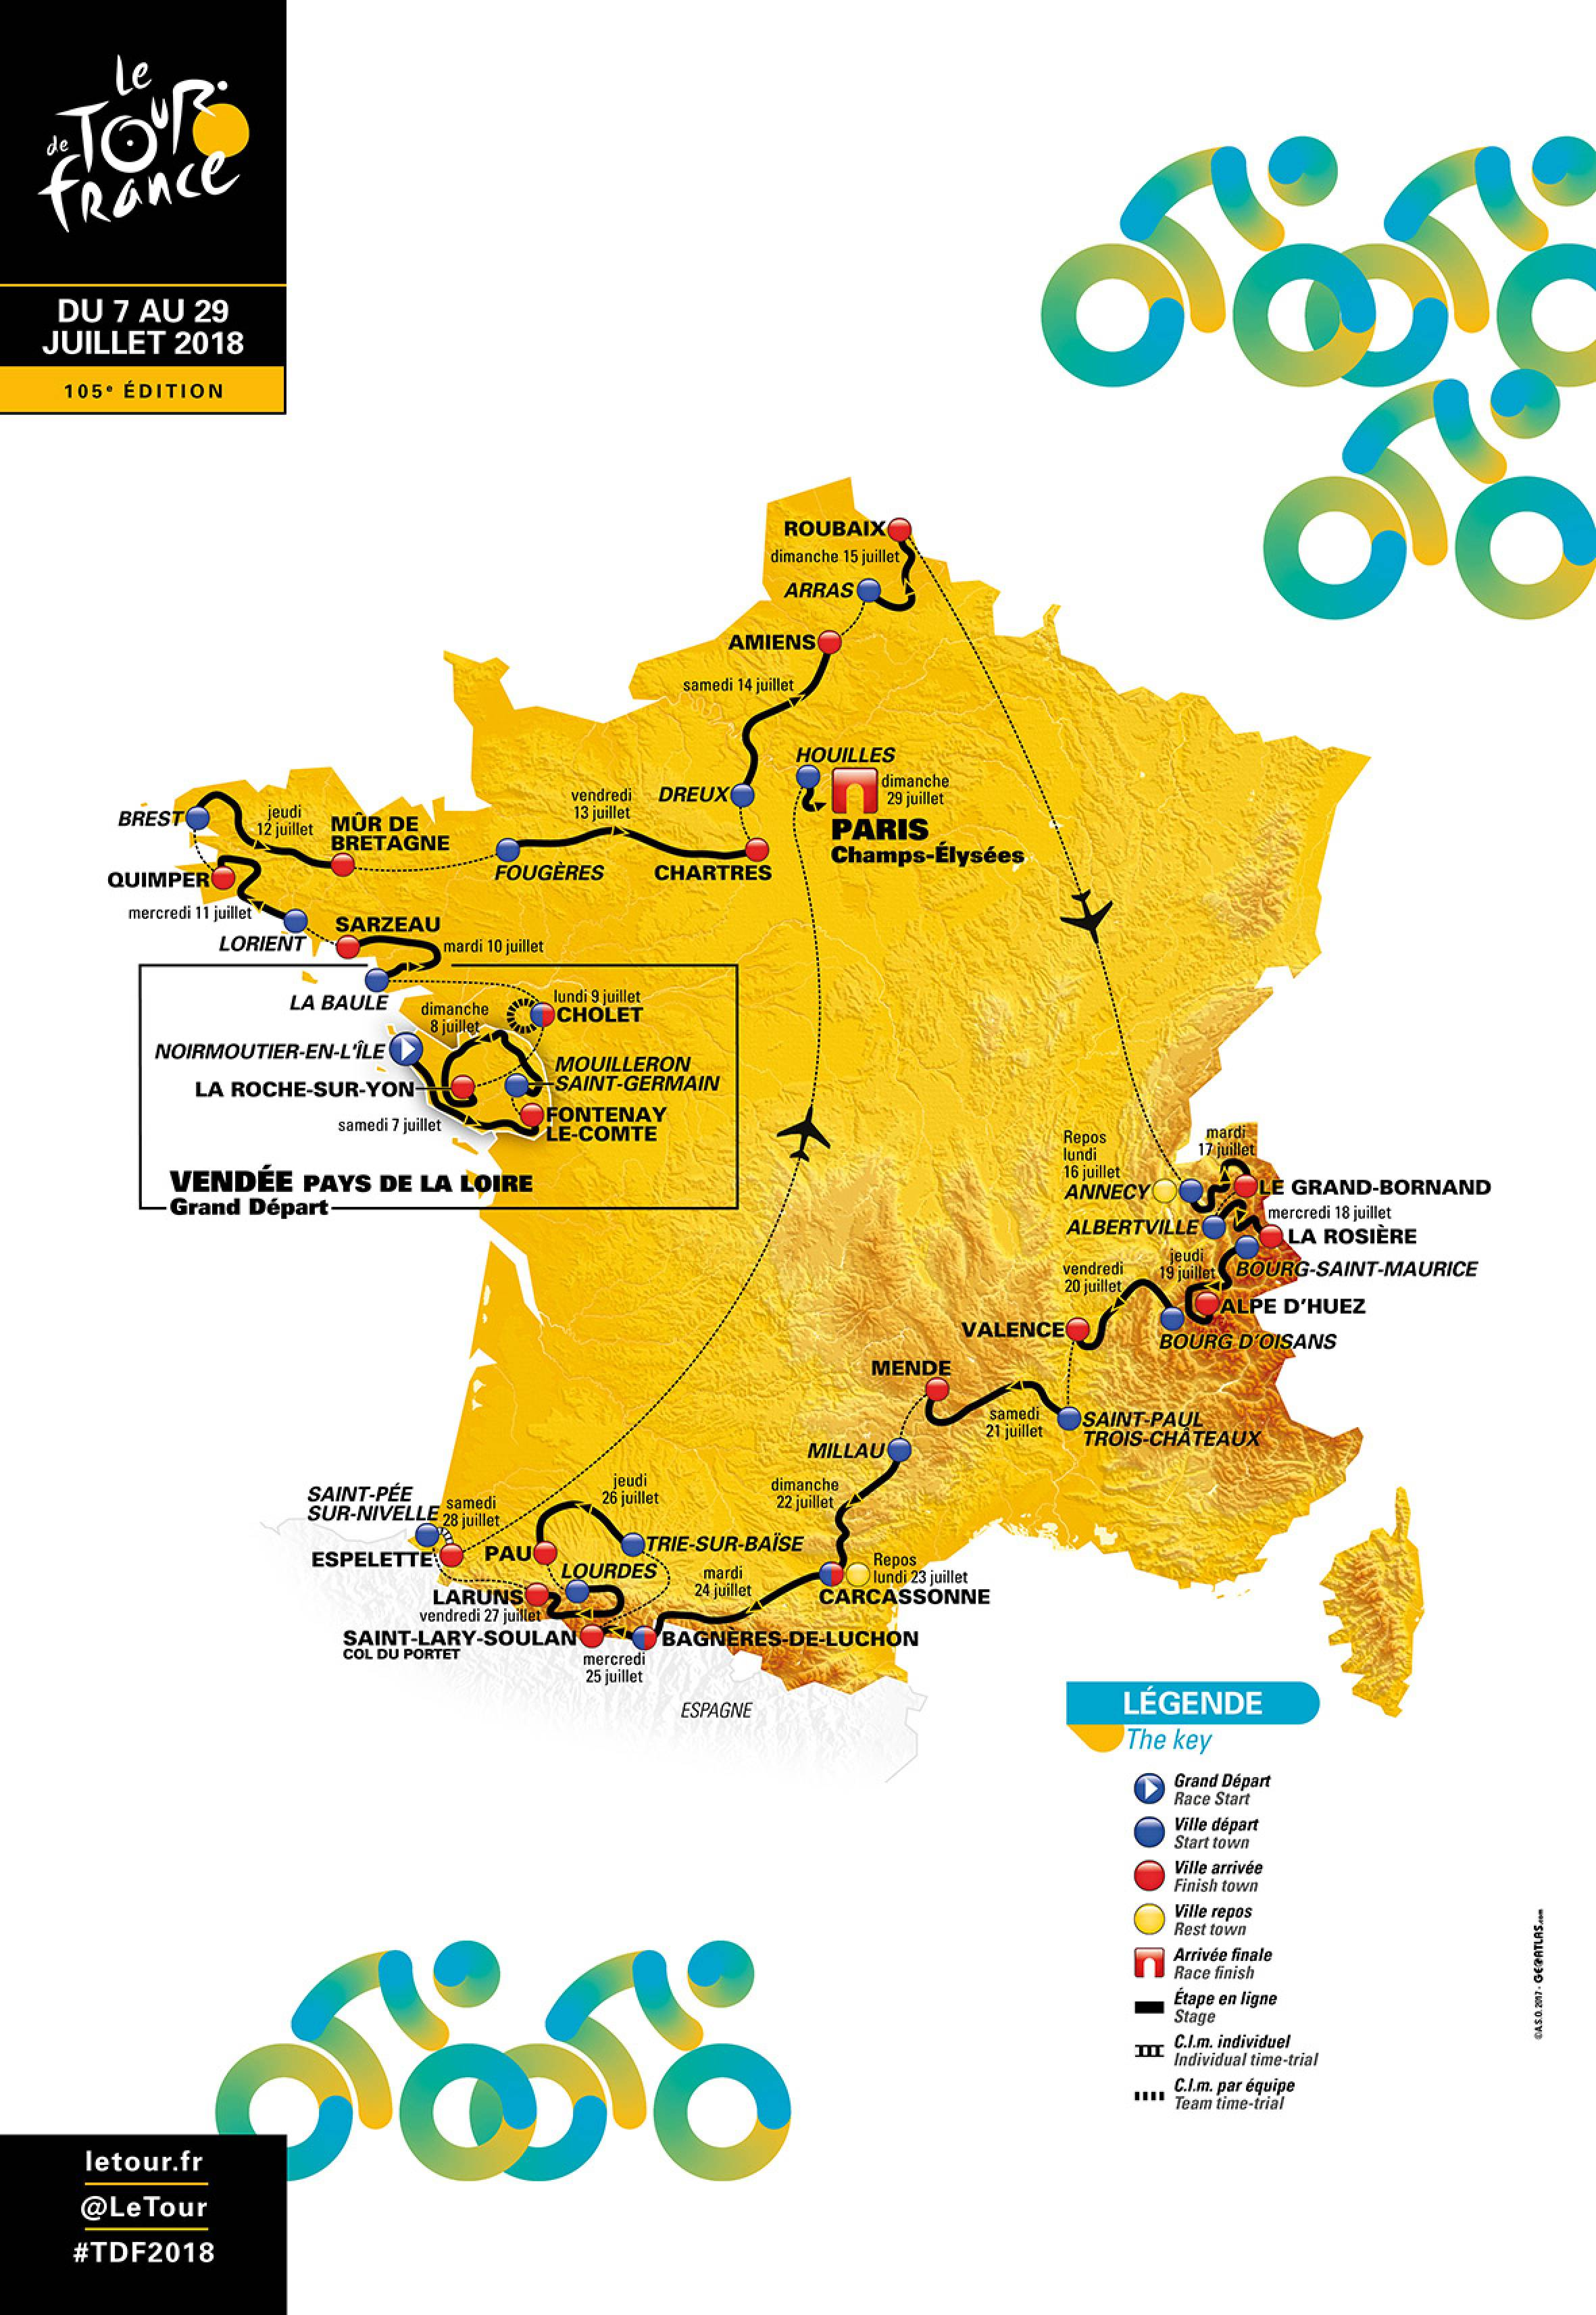 Tour de France – Le Tour